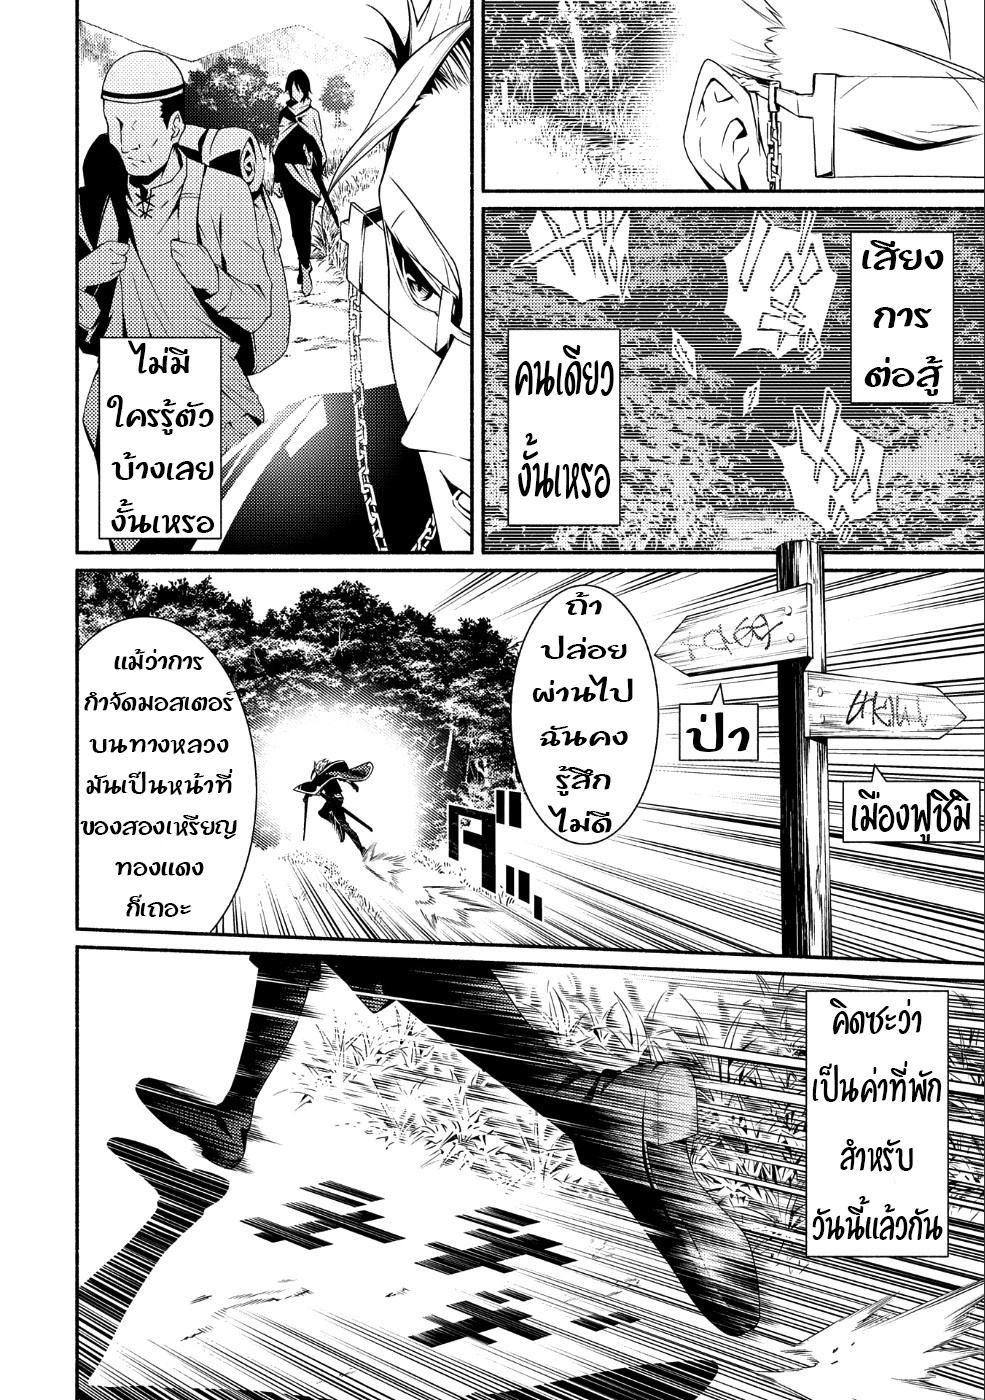 อ่านการ์ตูน Saikyou Party no Zatsuyougakari Ossan wa Muriyari Kyuuka o Tora Sareta you desu ตอนที่ 1 หน้าที่ 23